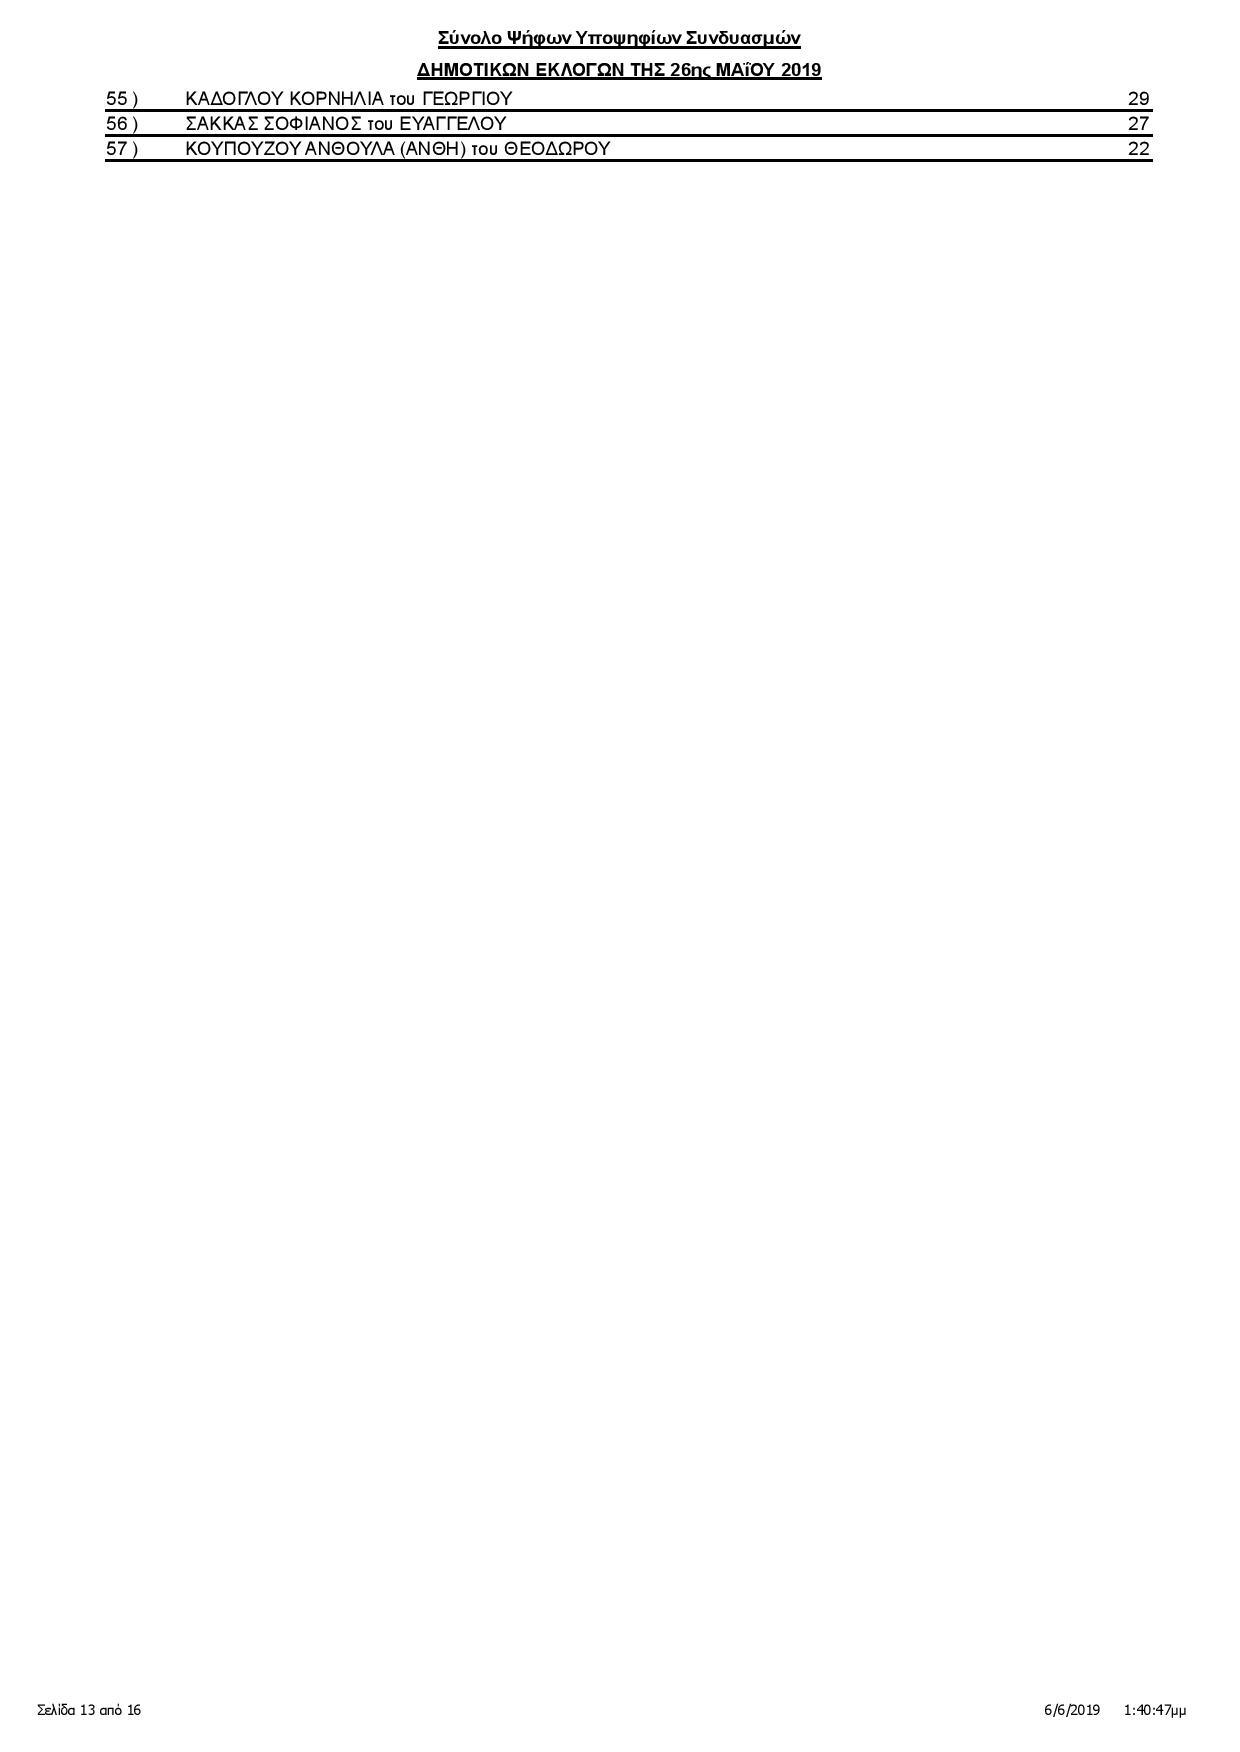 Καλαμάτα: Οι σταυροί των υποψηφίων δημοτικών συμβούλων (αναλυτικά) 14